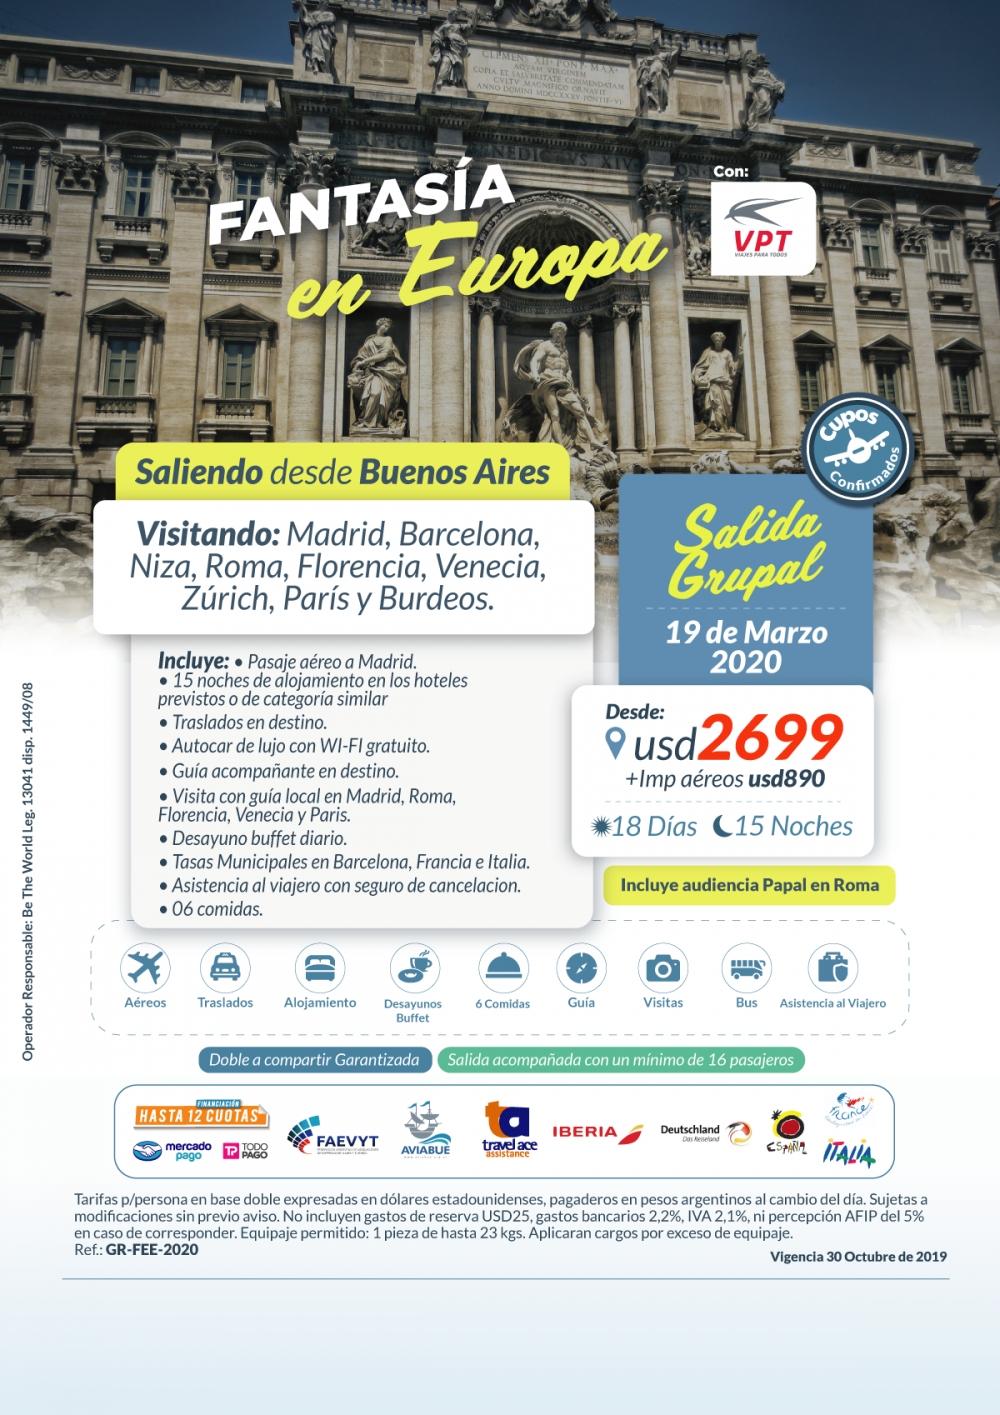 FANTASIA EN EUROPA - Salida Grupal - 19 de Marzo del 2020